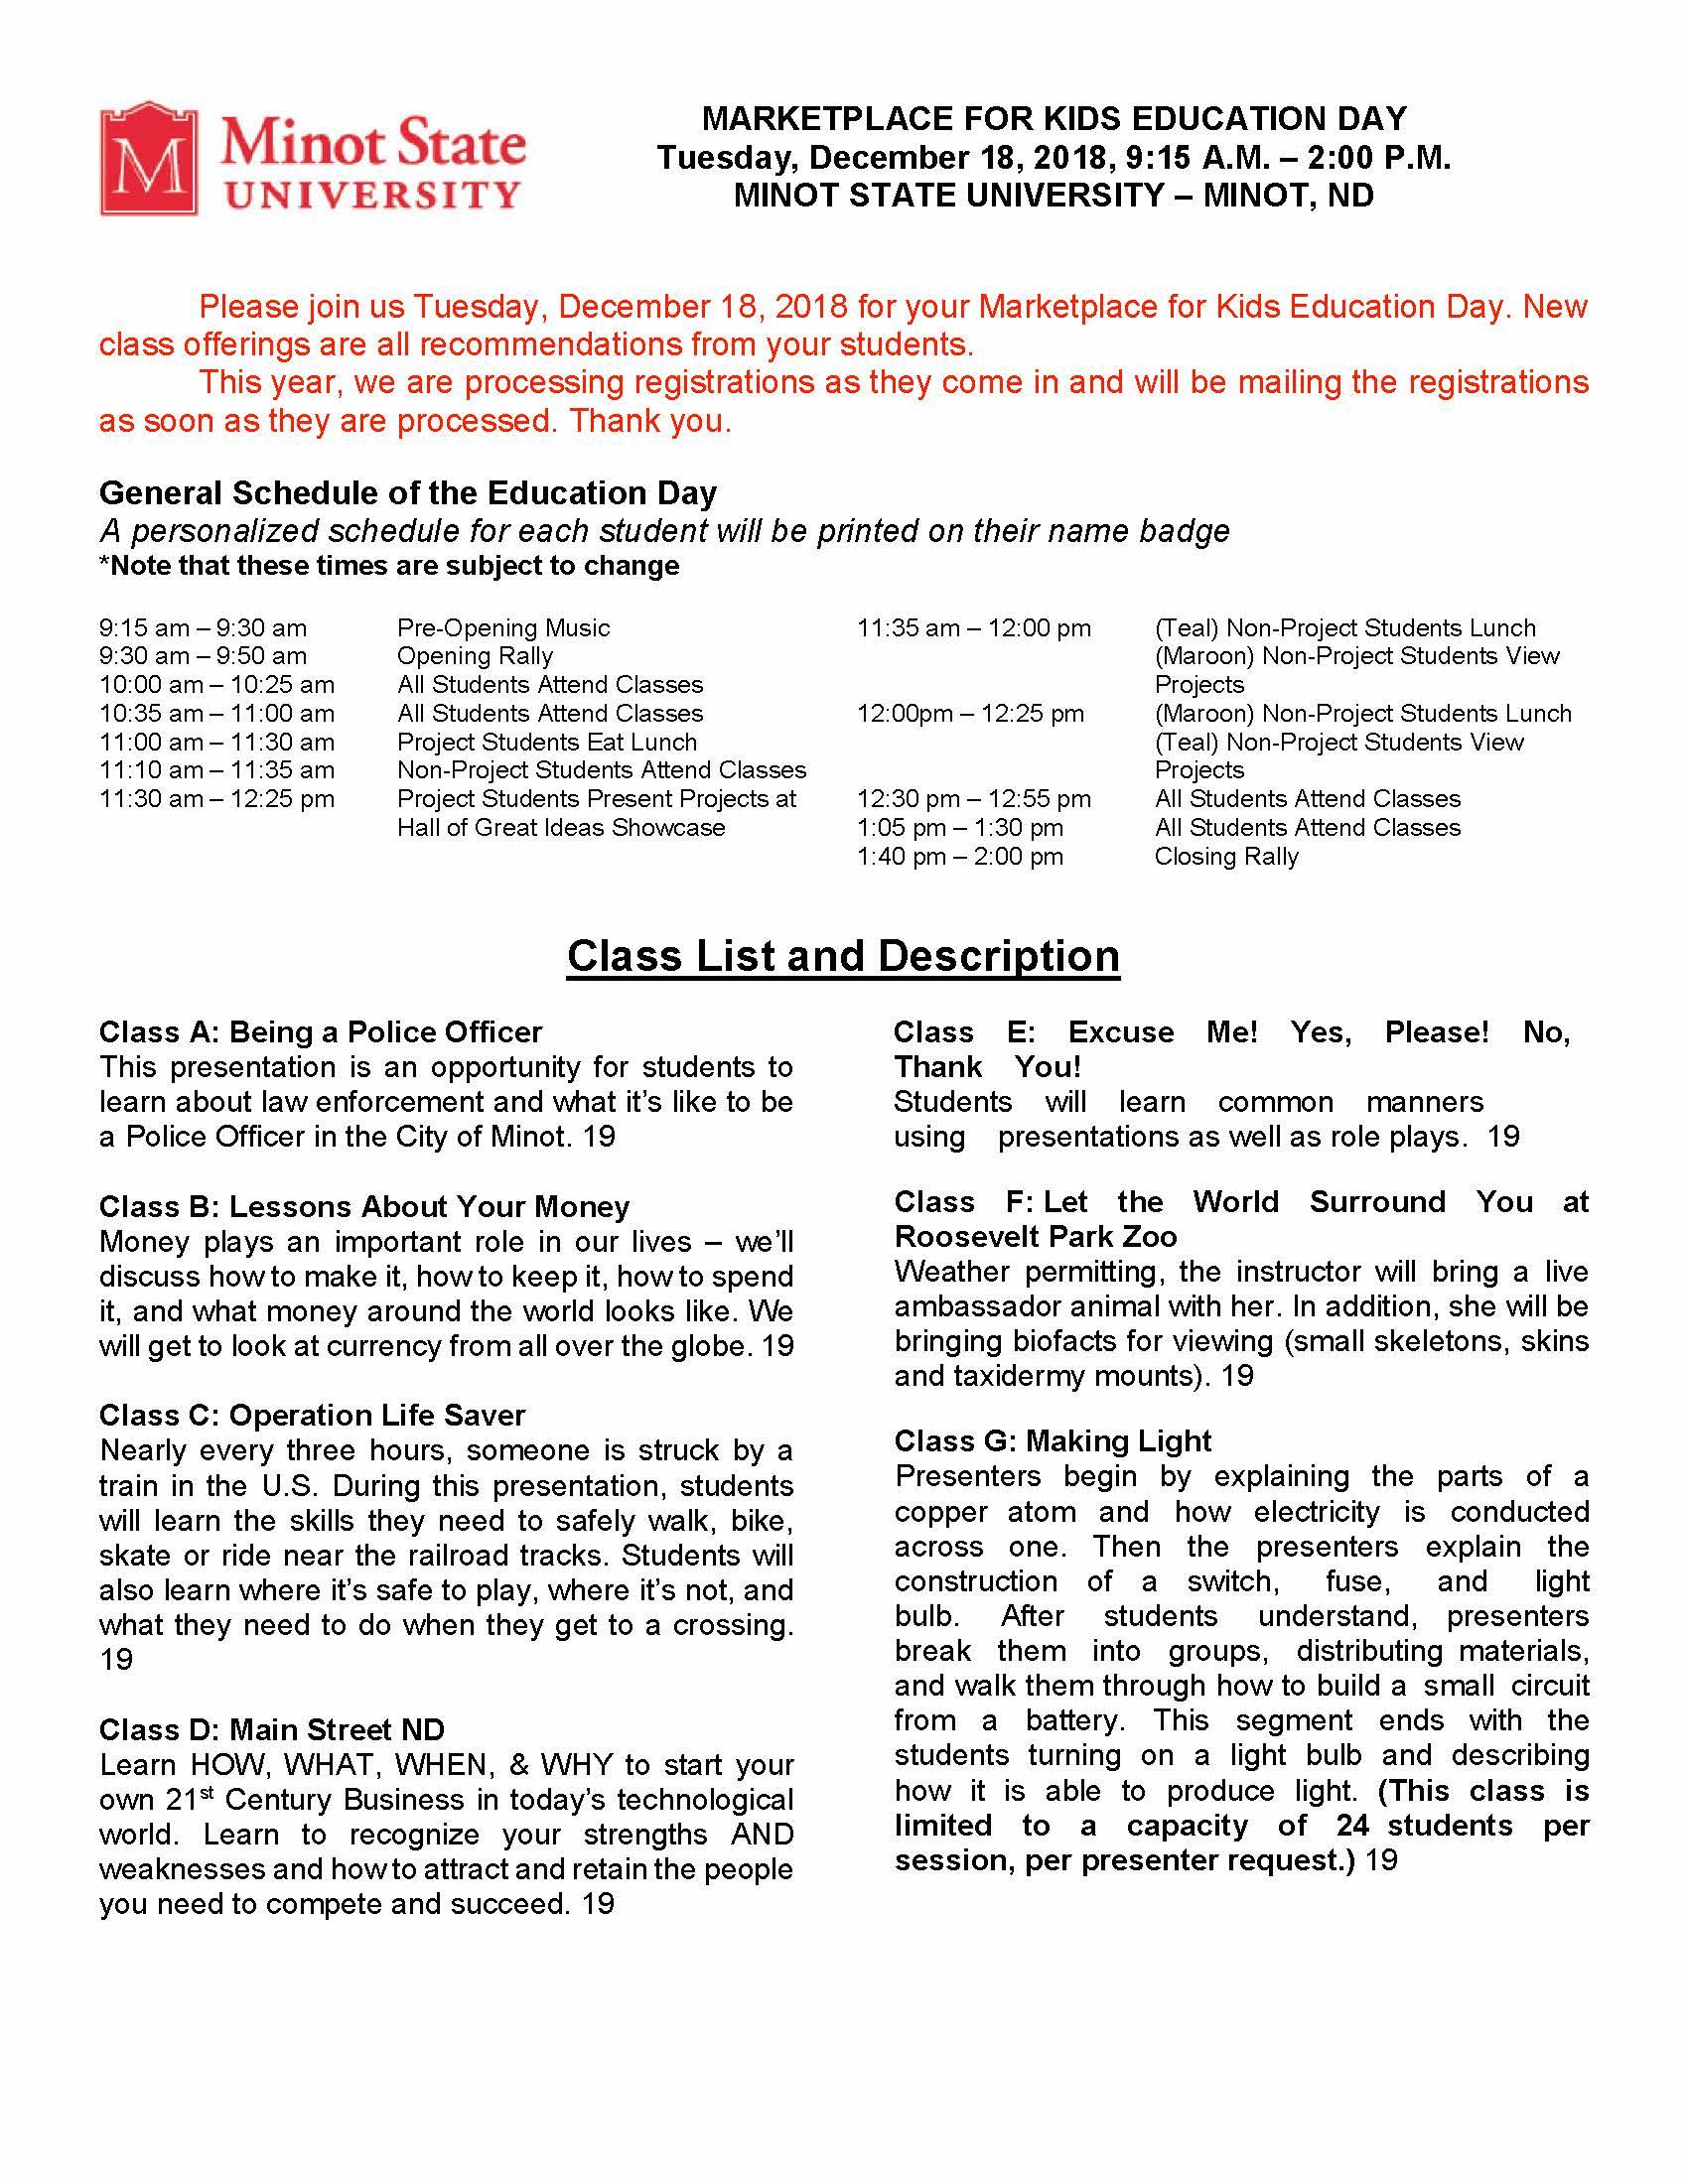 Minot Class Descriptions